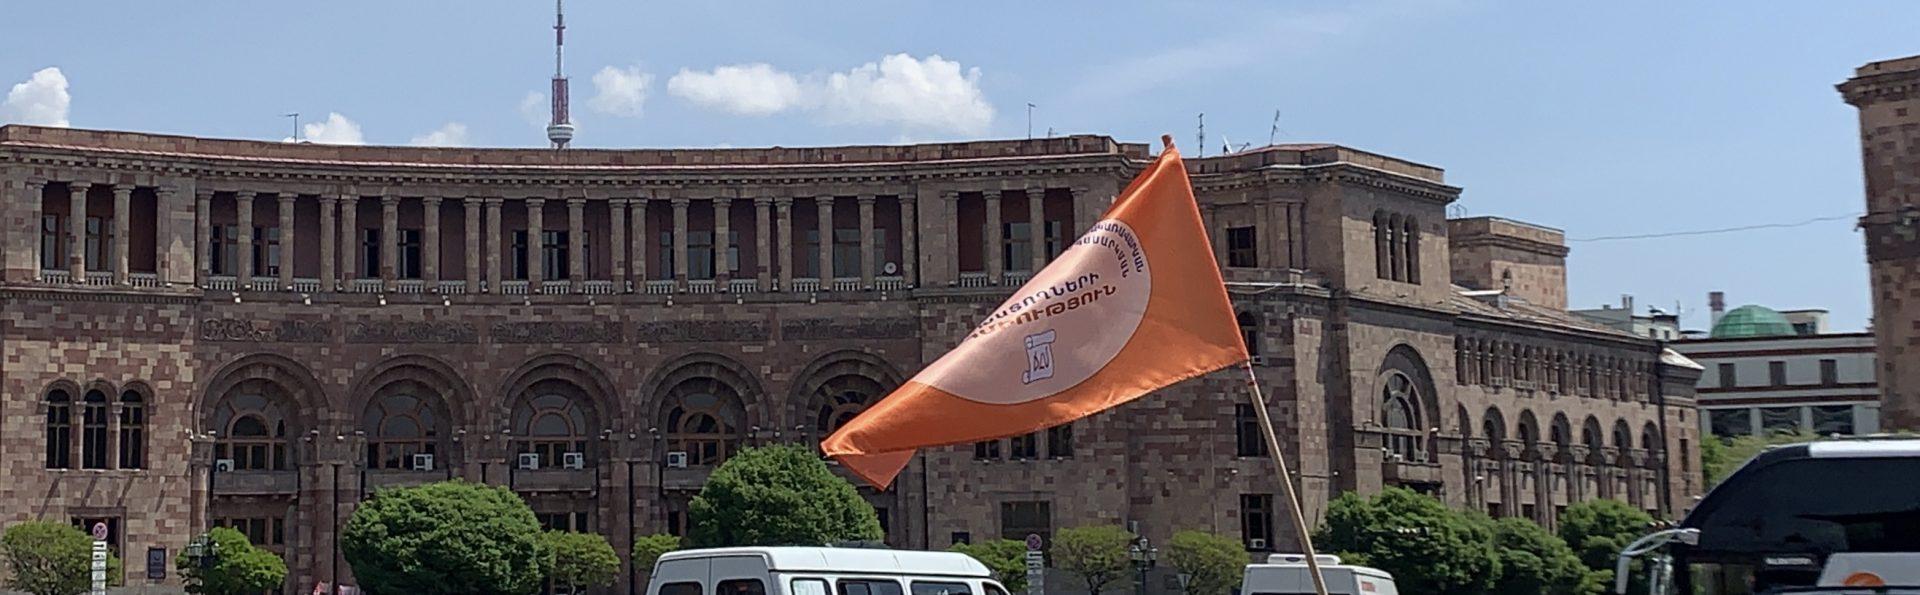 Հայաստանի պետհիմնարկների, ՏԻՄ֊երի աշխատողների արհմիություն